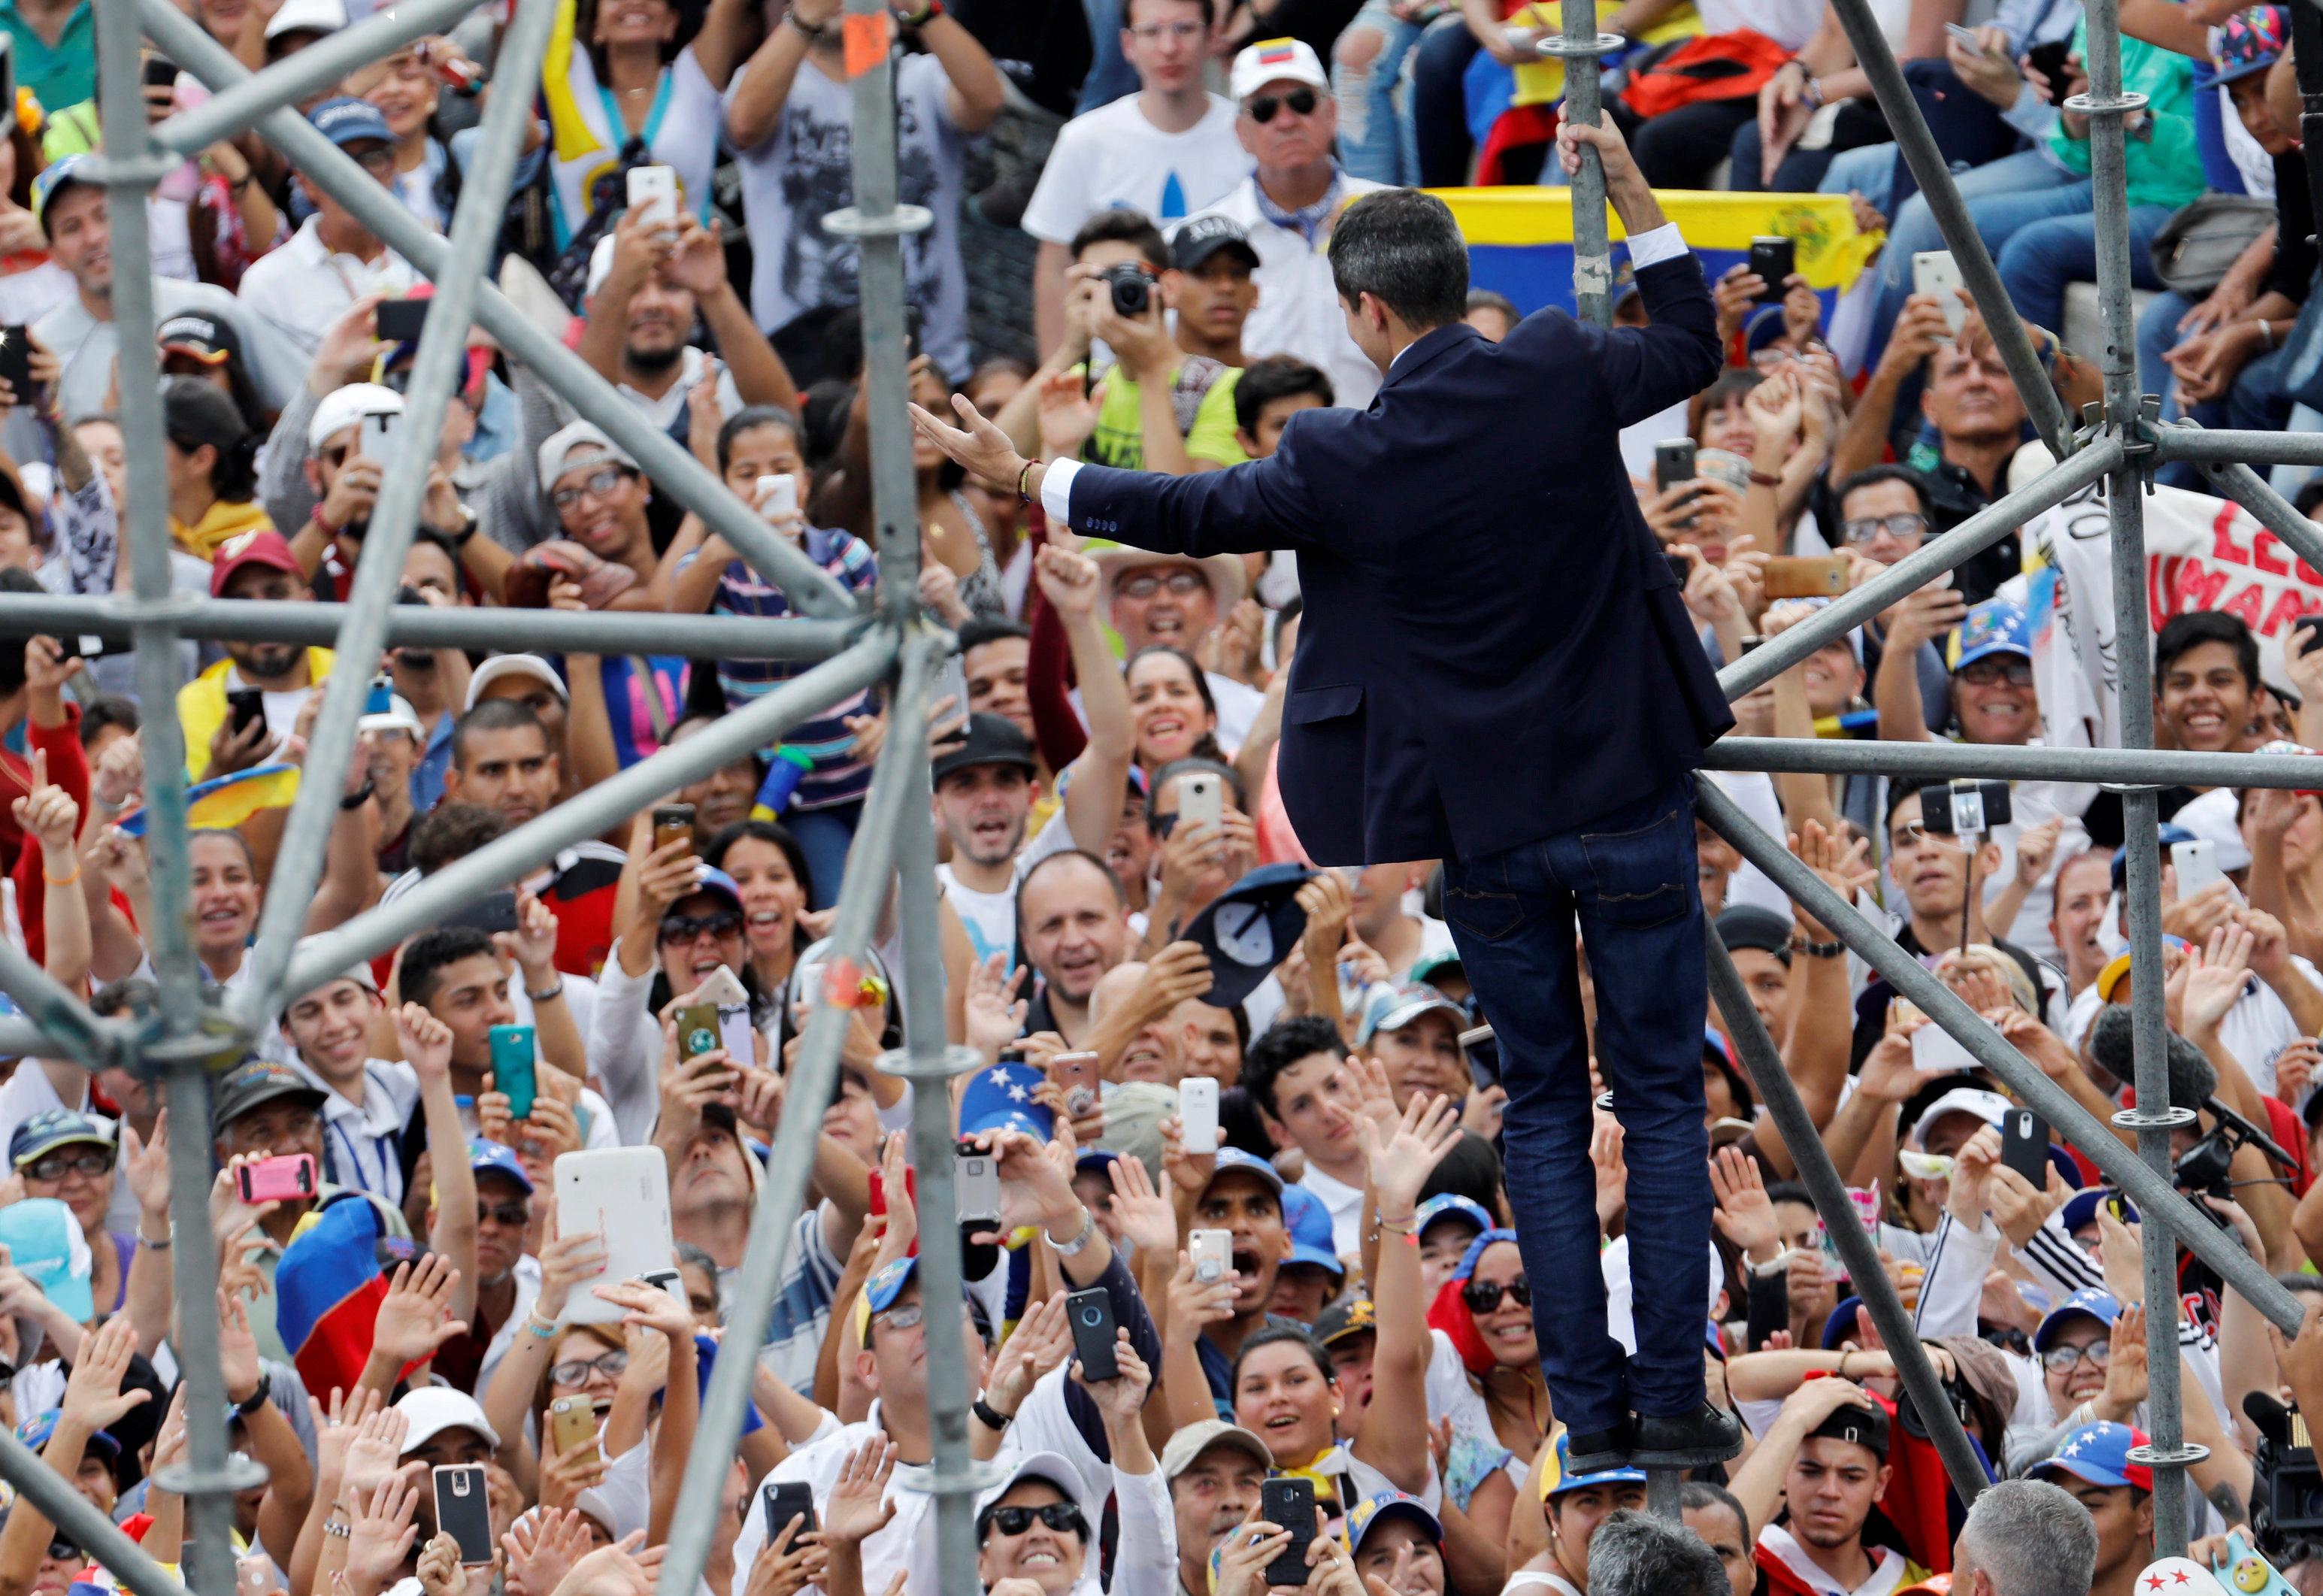 epestrepse-sti-venezoyela-o-gkoyaido-amp-8211-kalei-se-nees-diadiloseis-to-savvato-fotografies1